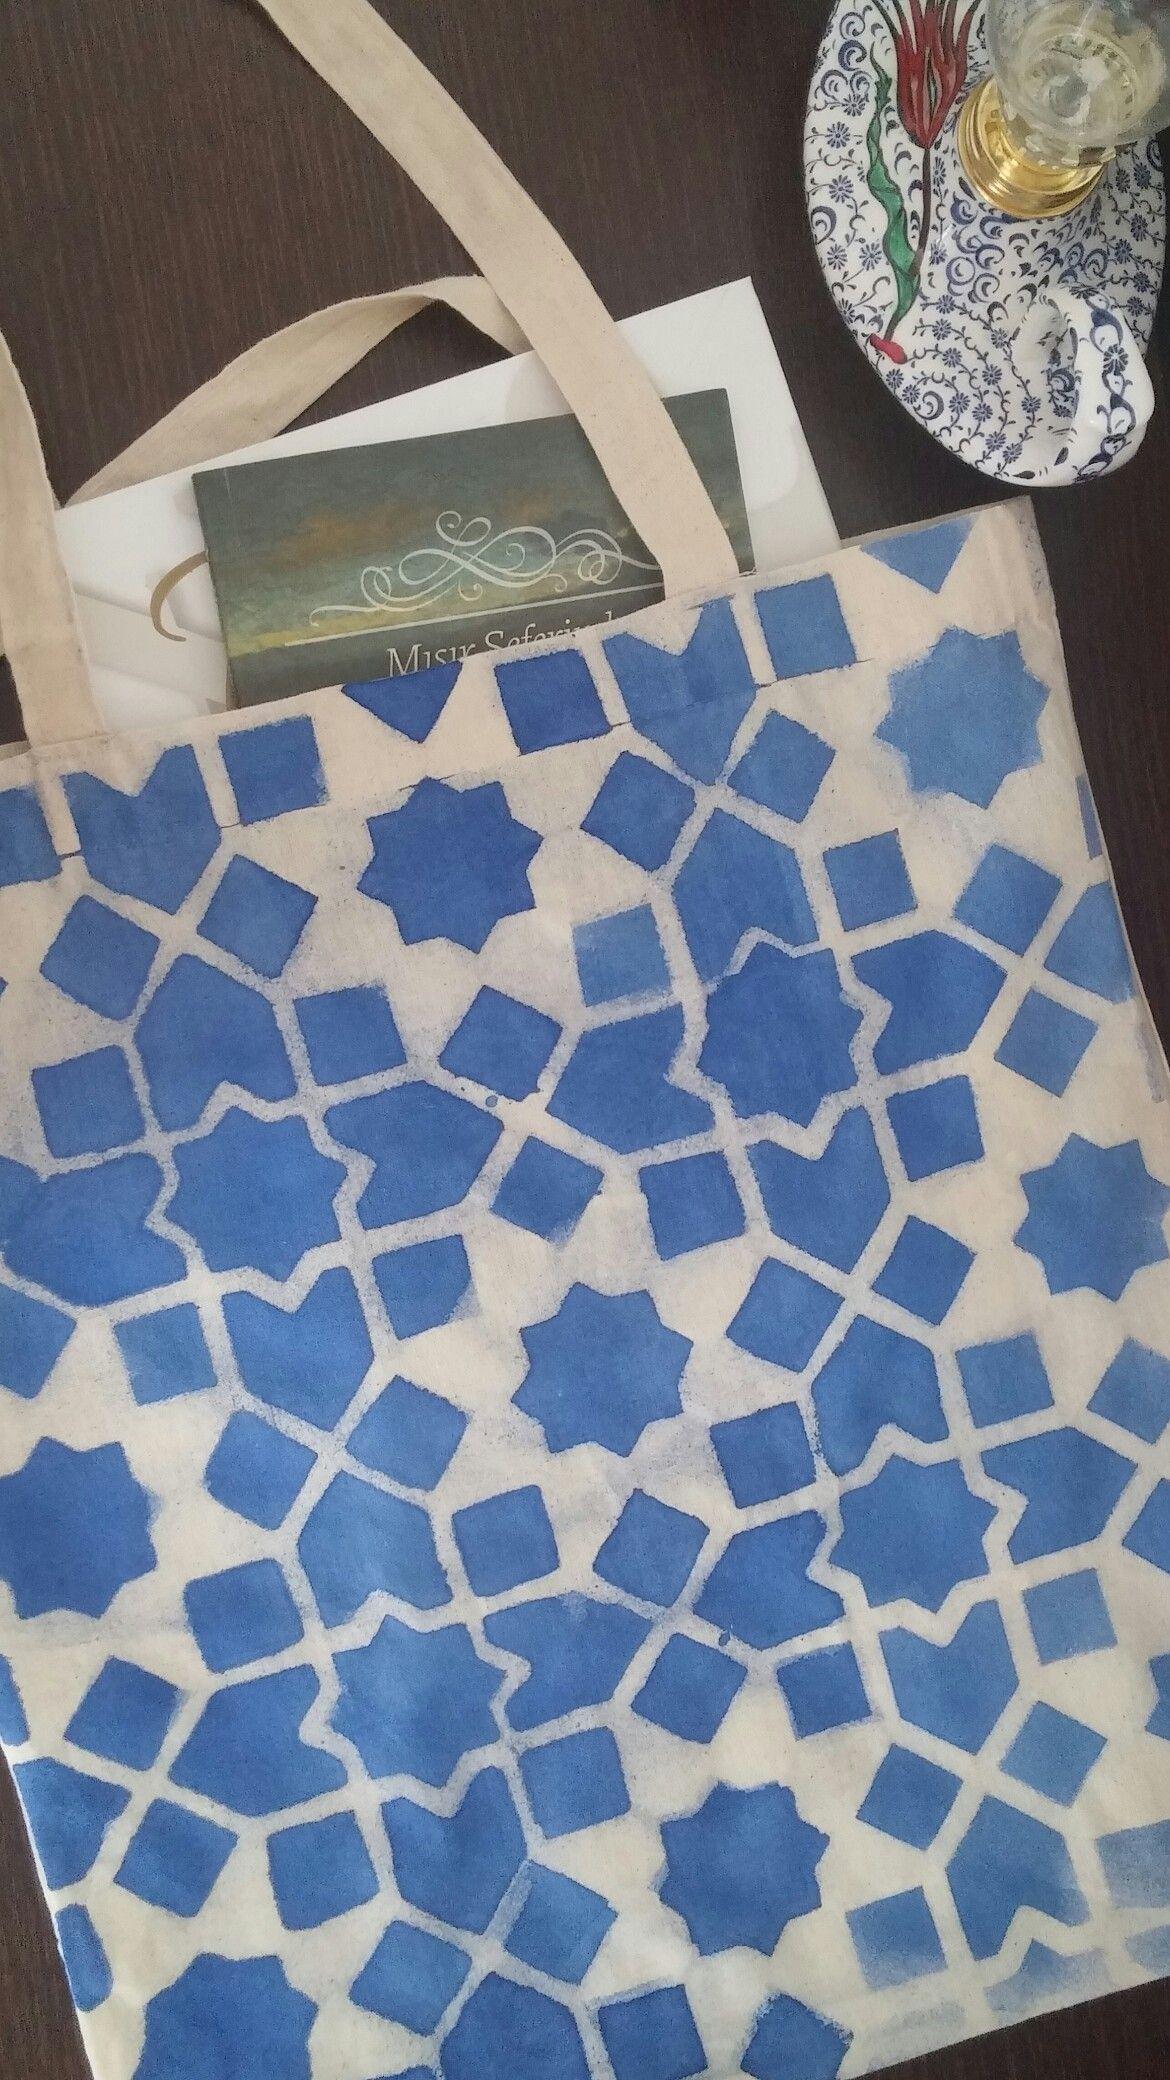 Kumaş Boyama Kanvas çanta Geometrik Desen By Baybice Works Decor